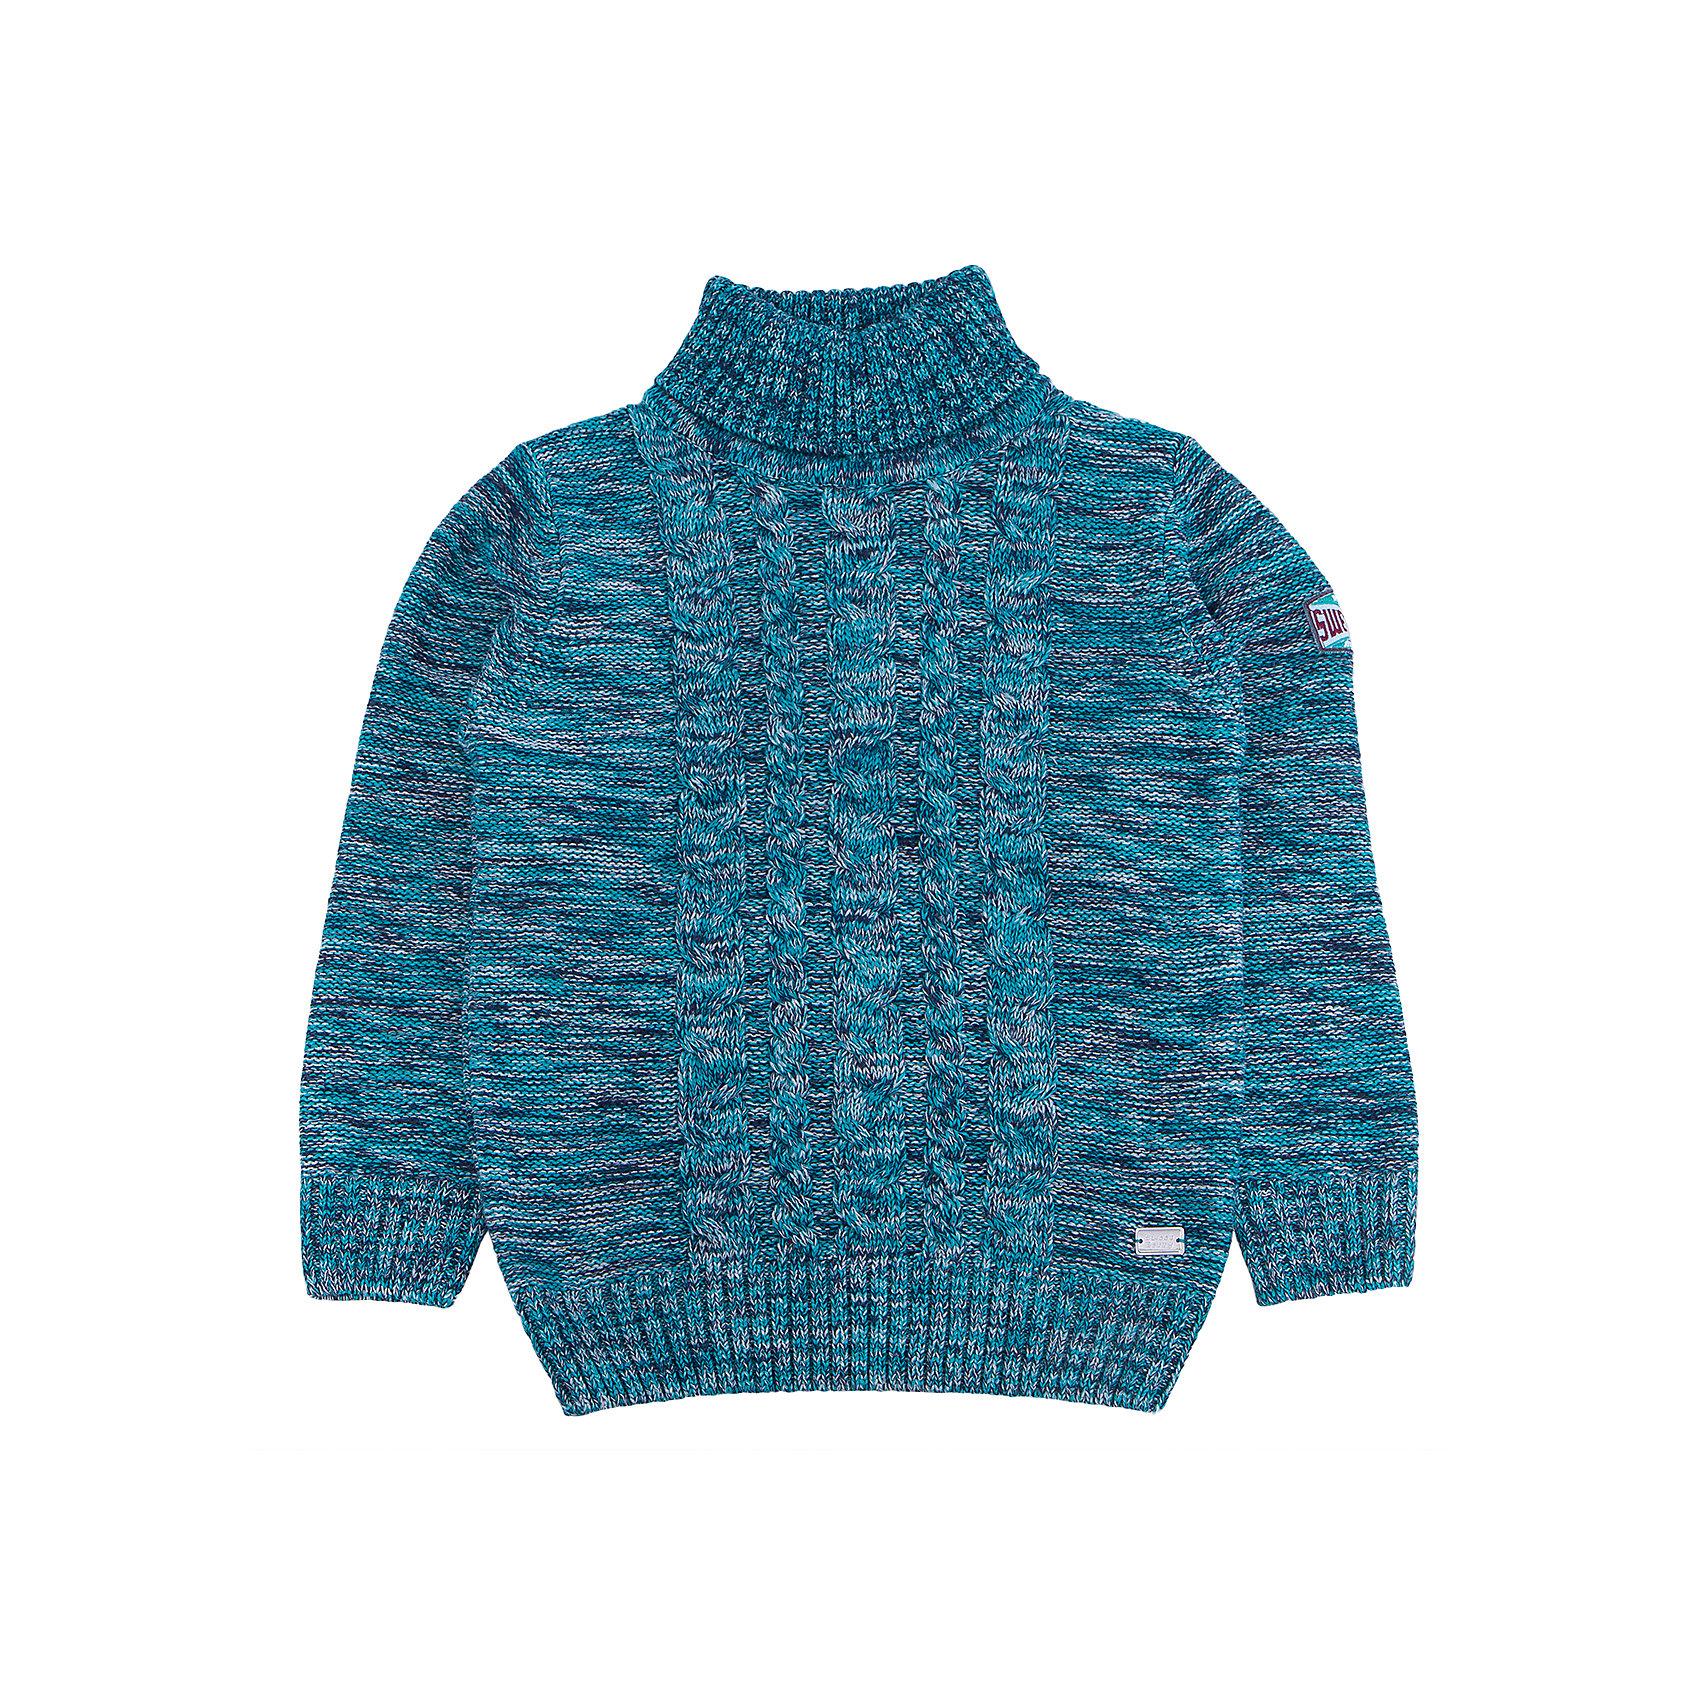 Свитер для мальчика Sweet BerryСвитера и кардиганы<br>Эта модель свитера для мальчика отличается модным дизайном с оригинальным узором. Удачный крой обеспечит ребенку комфорт и тепло. Края изделия обработаны мягкой резинкой , горло - высокое, поэтому вещь плотно прилегает к телу там, где нужно, и отлично сидит по фигуре. Натуральный хлопок в составе пряжи обеспечит коже возможность дышать и не вызовет аллергии.<br>Одежда от бренда Sweet Berry - это простой и выгодный способ одеть ребенка удобно и стильно. Всё изделия тщательно проработаны: швы - прочные, материал - качественный, фурнитура - подобранная специально для детей. <br><br>Дополнительная информация:<br><br>цвет: зеленый;<br>материал: 60% хлопок, 40% акрил;<br>высокое горло;<br>декорирован узором косы.<br><br>Свитер для мальчика от бренда Sweet Berry можно купить в нашем интернет-магазине.<br><br>Ширина мм: 190<br>Глубина мм: 74<br>Высота мм: 229<br>Вес г: 236<br>Цвет: зеленый<br>Возраст от месяцев: 72<br>Возраст до месяцев: 84<br>Пол: Мужской<br>Возраст: Детский<br>Размер: 110,116,128,98,104,122<br>SKU: 4930023